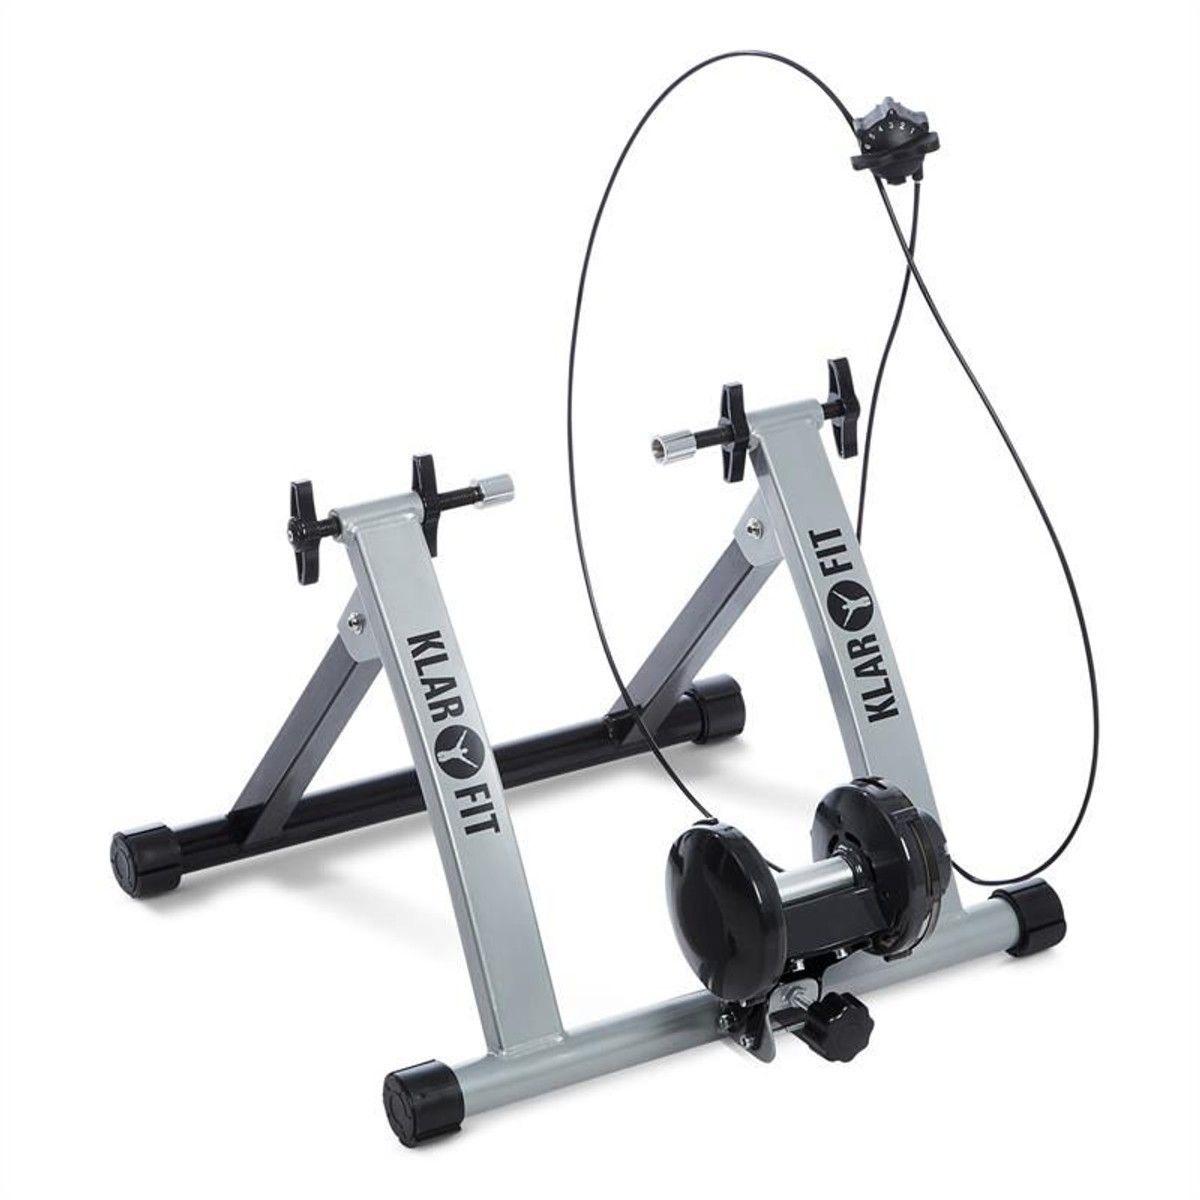 Klarfit Tourek Velo Rouleau Home Trainer 26 28 Pouces 100kg Acier Argent Taille Tu Fitness Et Musculation Appareil Fitness Velo Randonnee